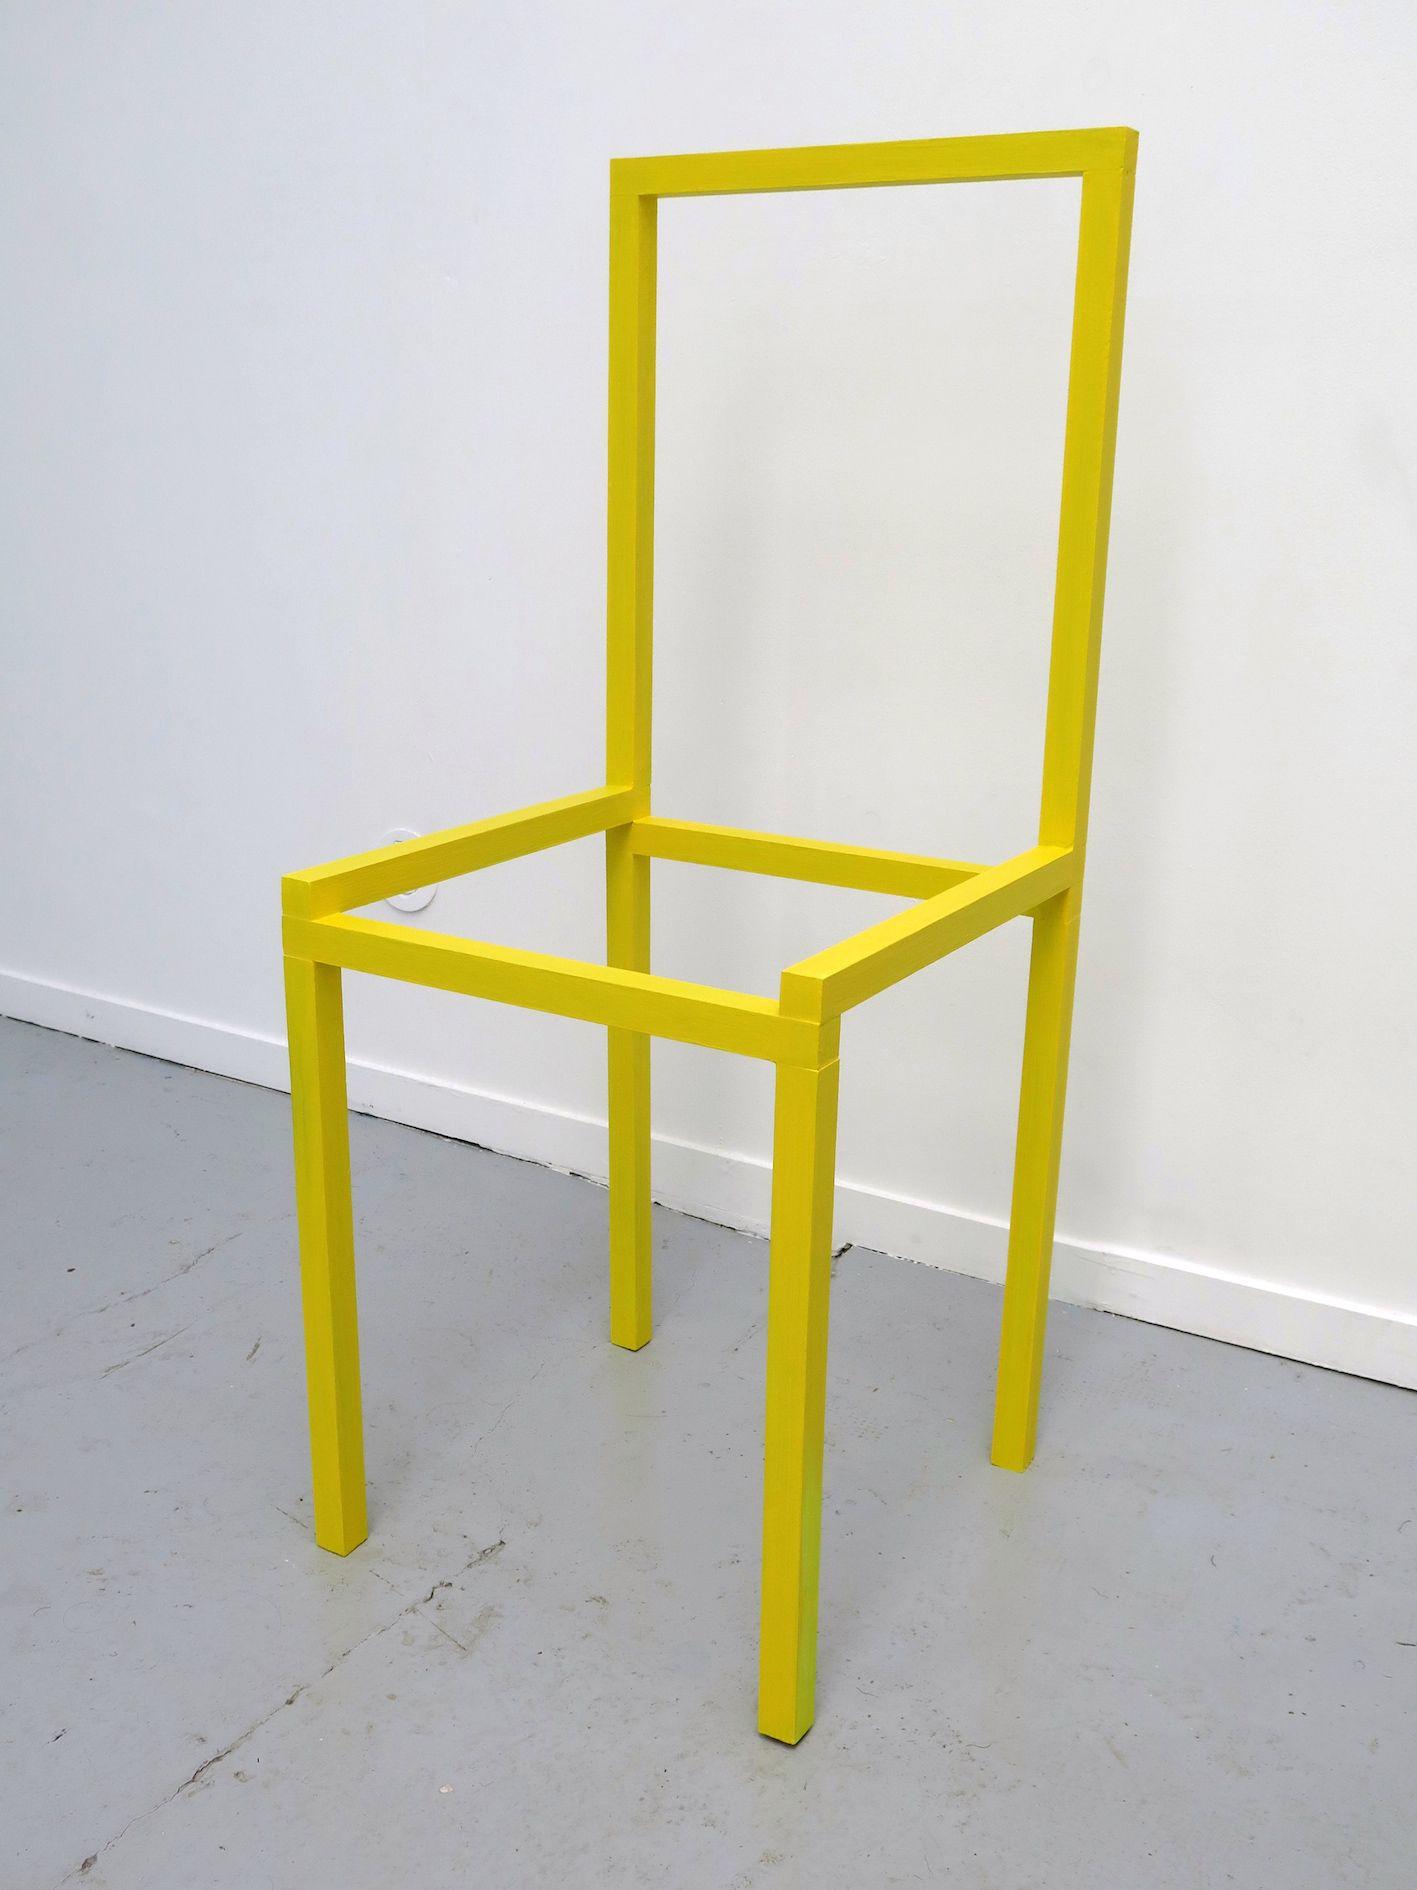 gilles-ellie-chaise-jaune-2016-bois-peinture-acrylique-98x40x40cm-96c9fae2bf80ccfcb7634ec1cb972e21